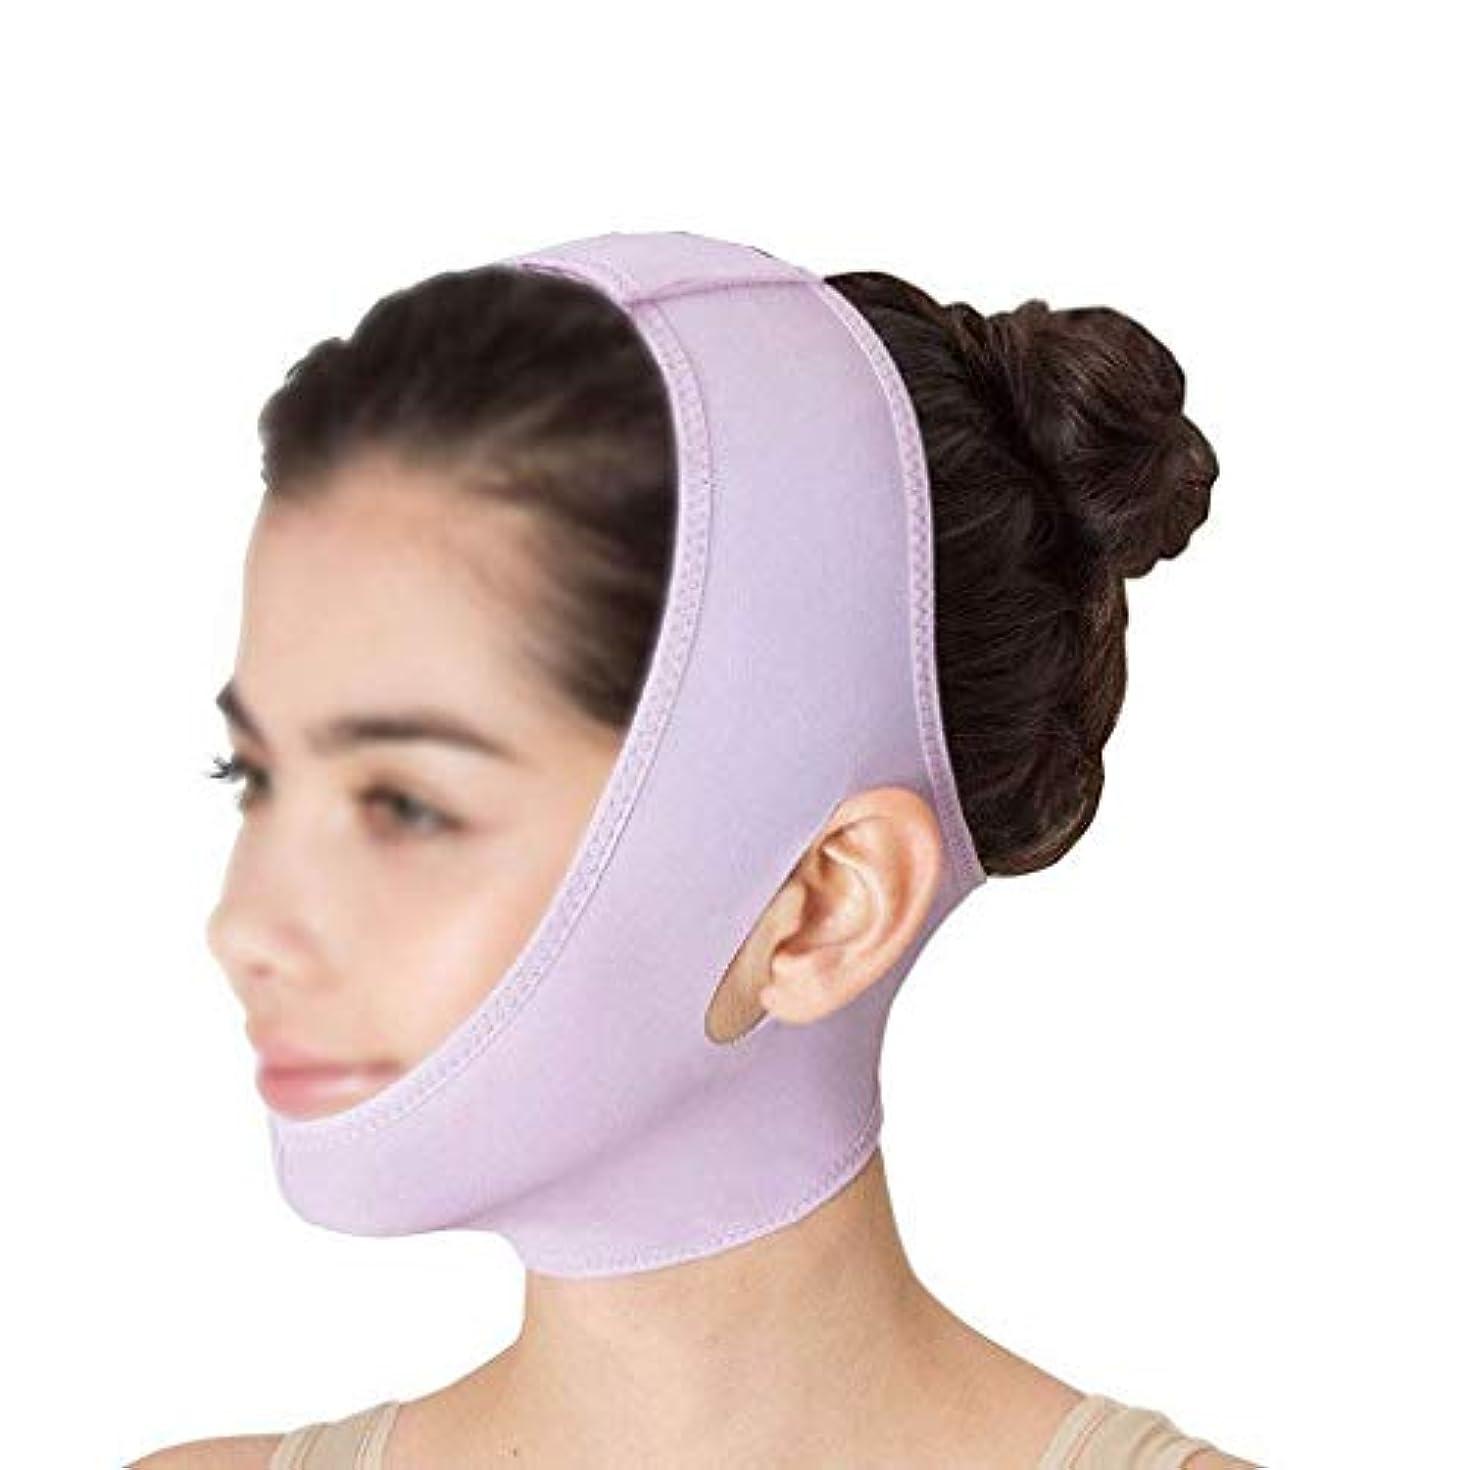 ビール適応本薄いフェイスマスク ビームフェイス、薄いダブルチンでスリーピングマスクの下の頬を防ぎ、小さなVフェイスを作成